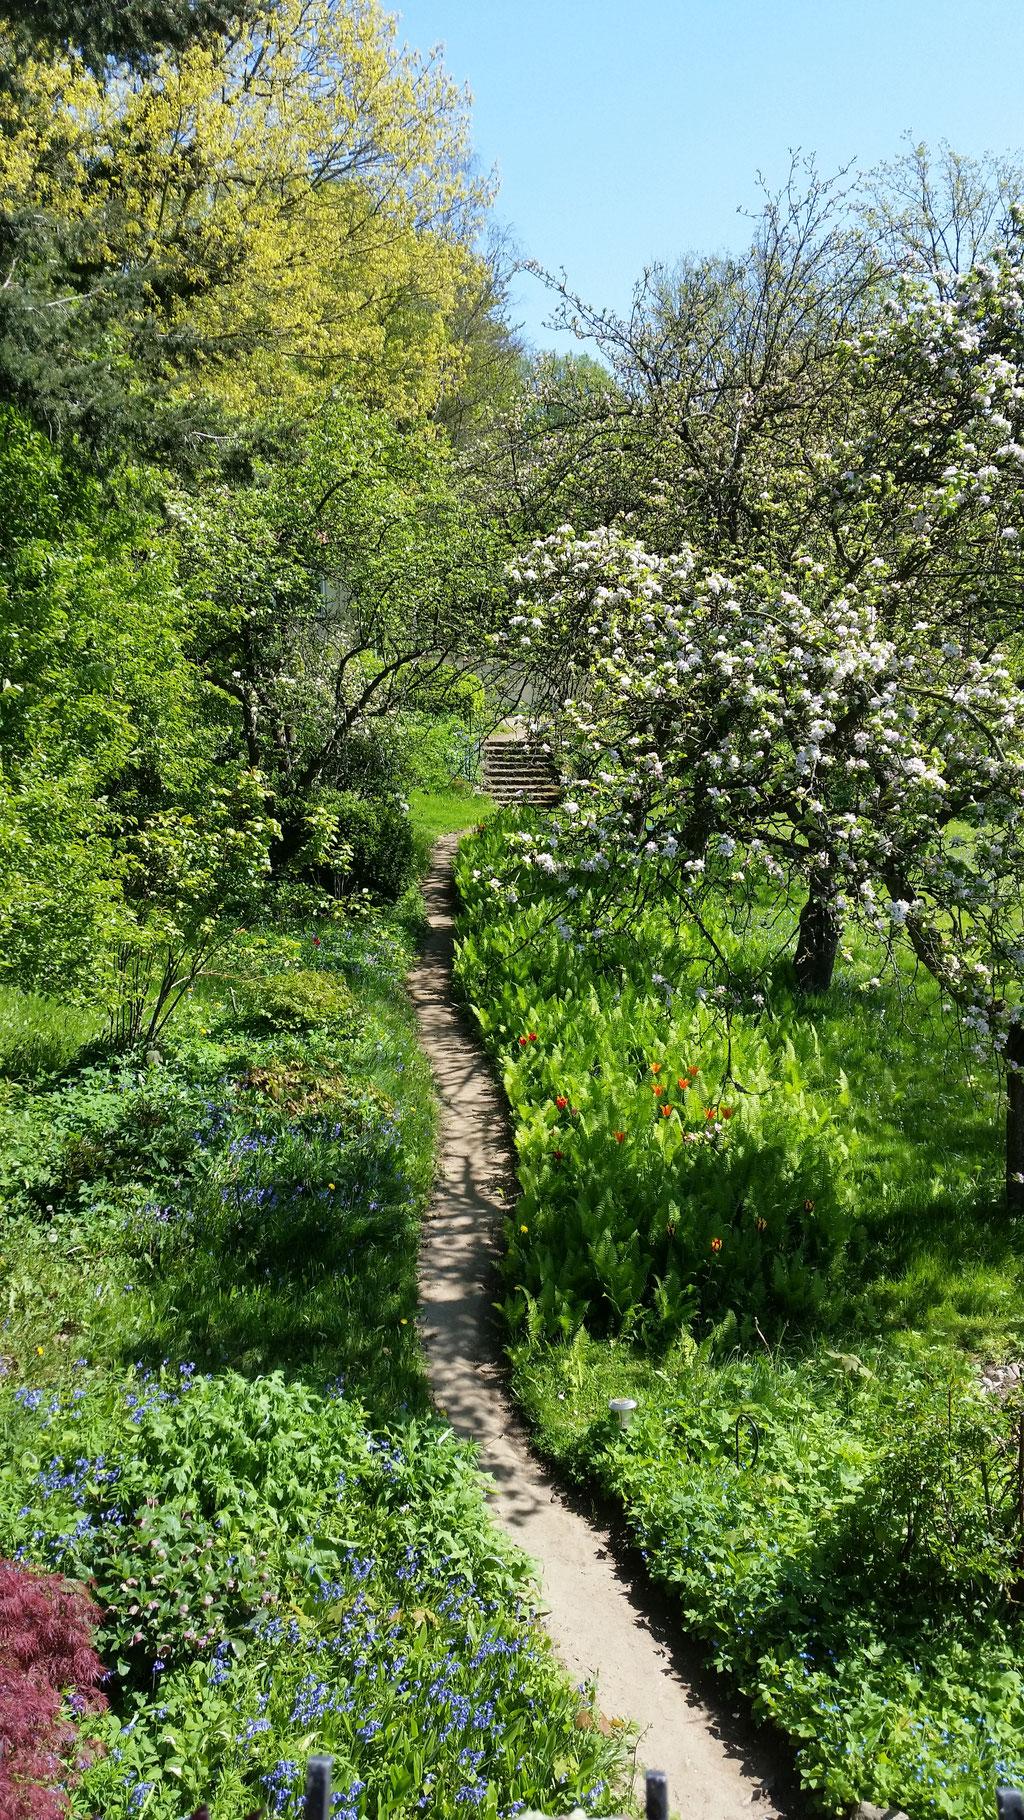 Der Garten vom Küchenfenster aus gesehen.